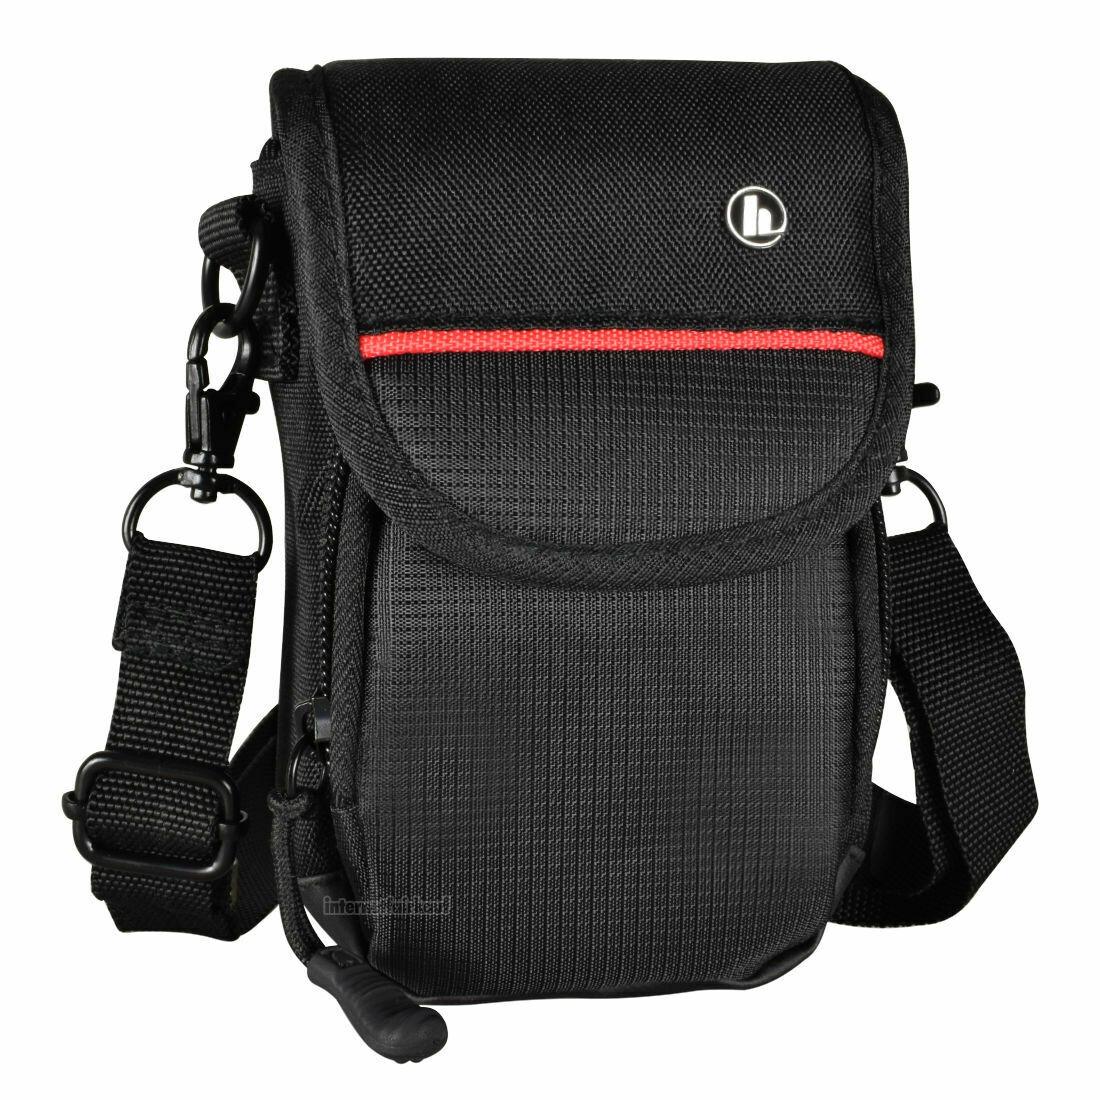 Kameratasche Fototasche passend für Nikon Coolpix S9900 S9700